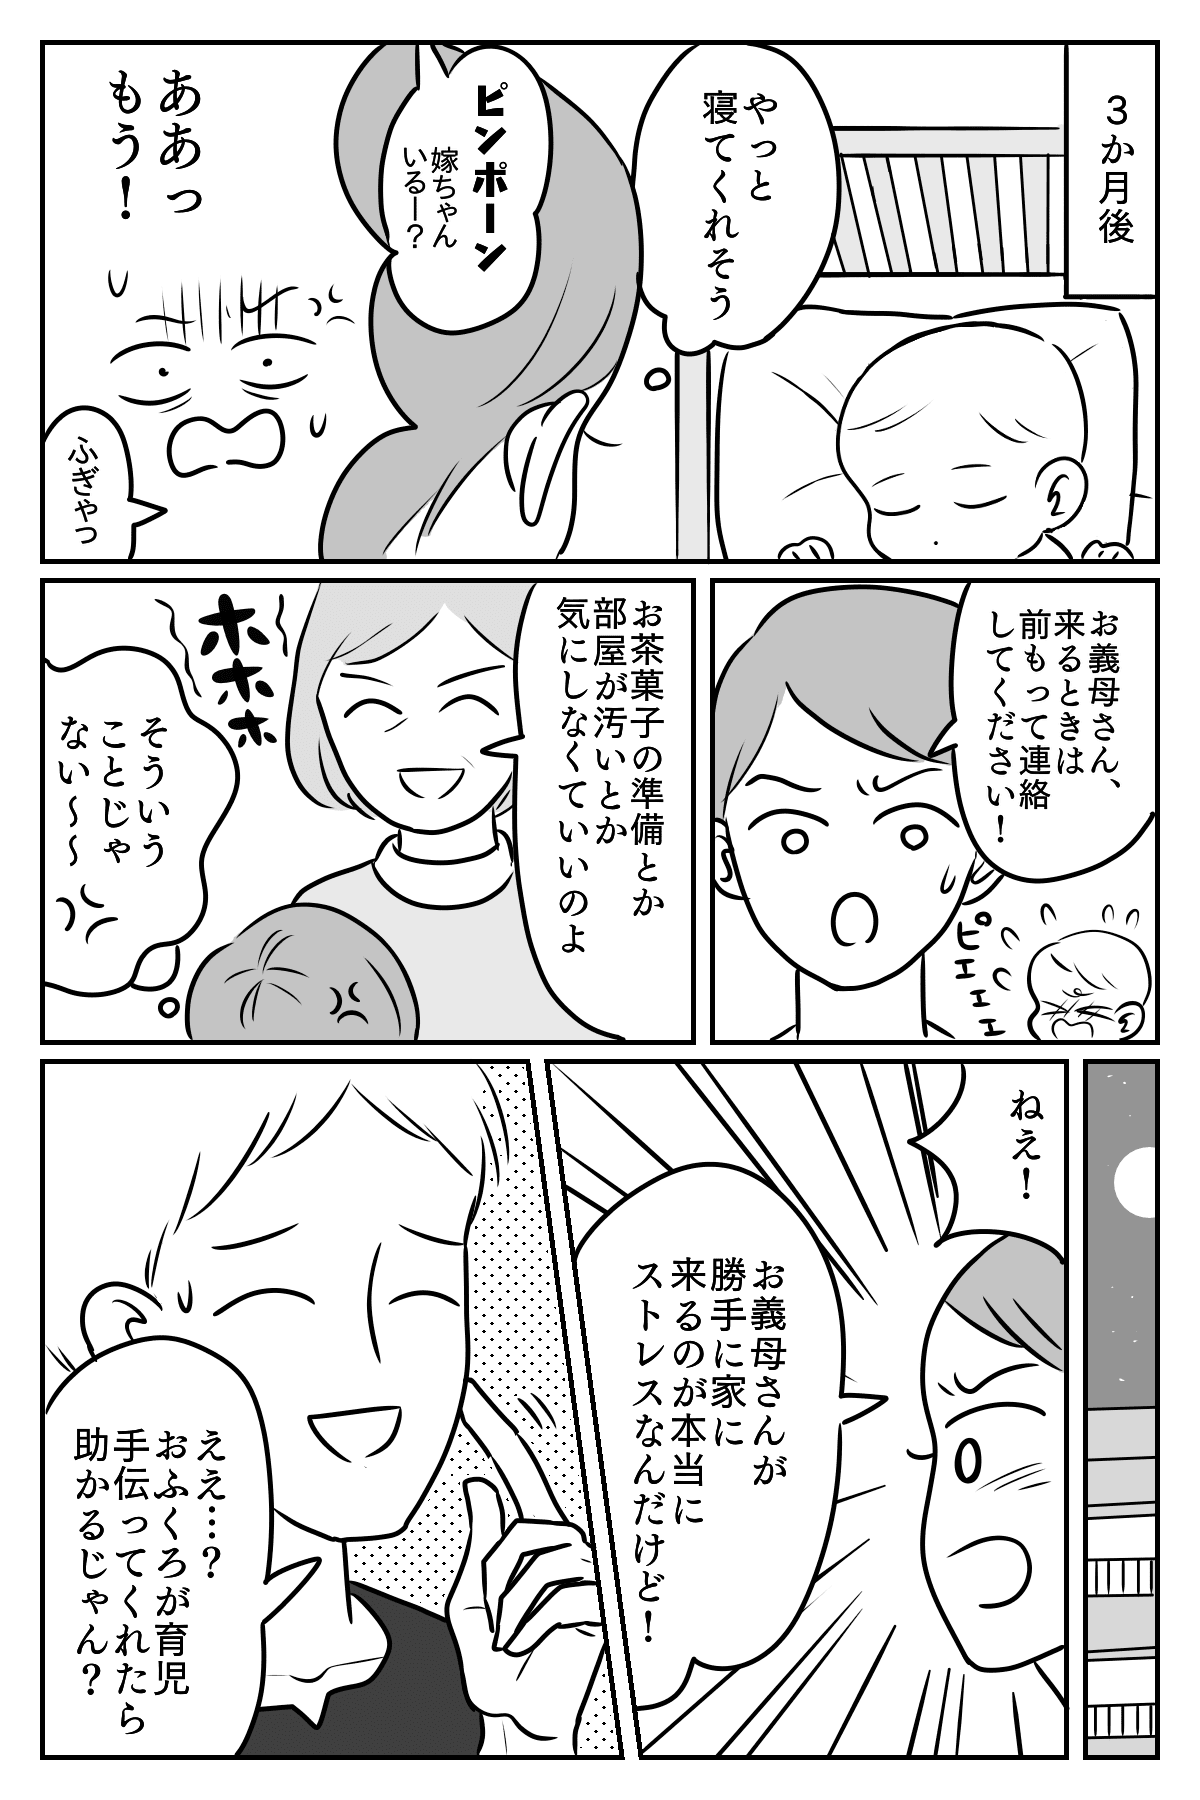 アポなし前編02